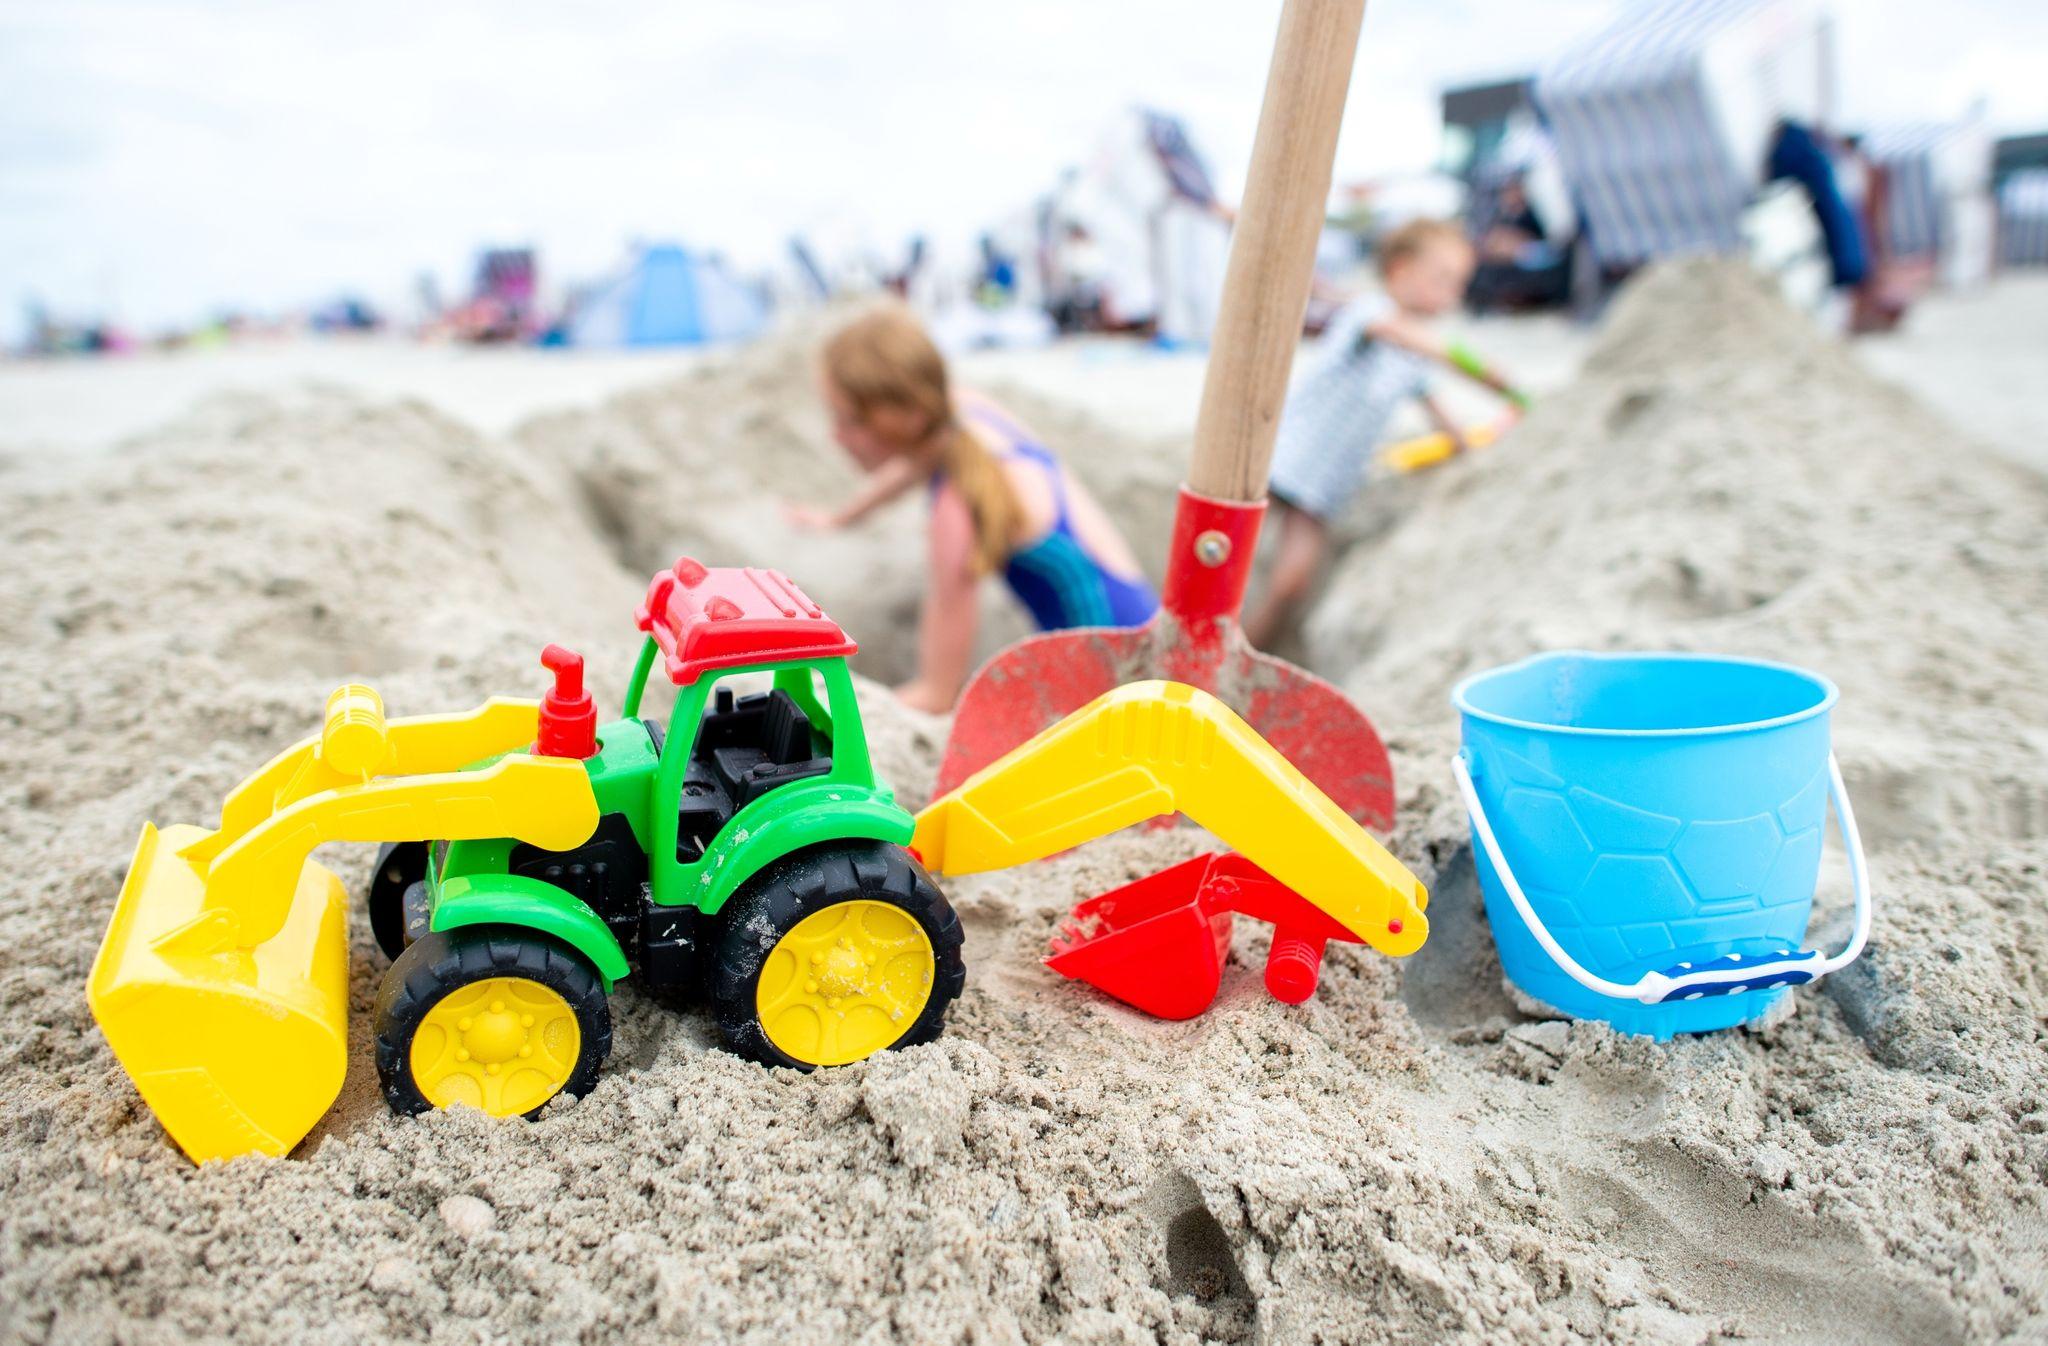 Ab in den Urlaub: Viele Familien verbringen in Corona-Zeiten die Ferien im eigen Land - etwa an der niedersächsischen Nordseeküste. Foto: dpa